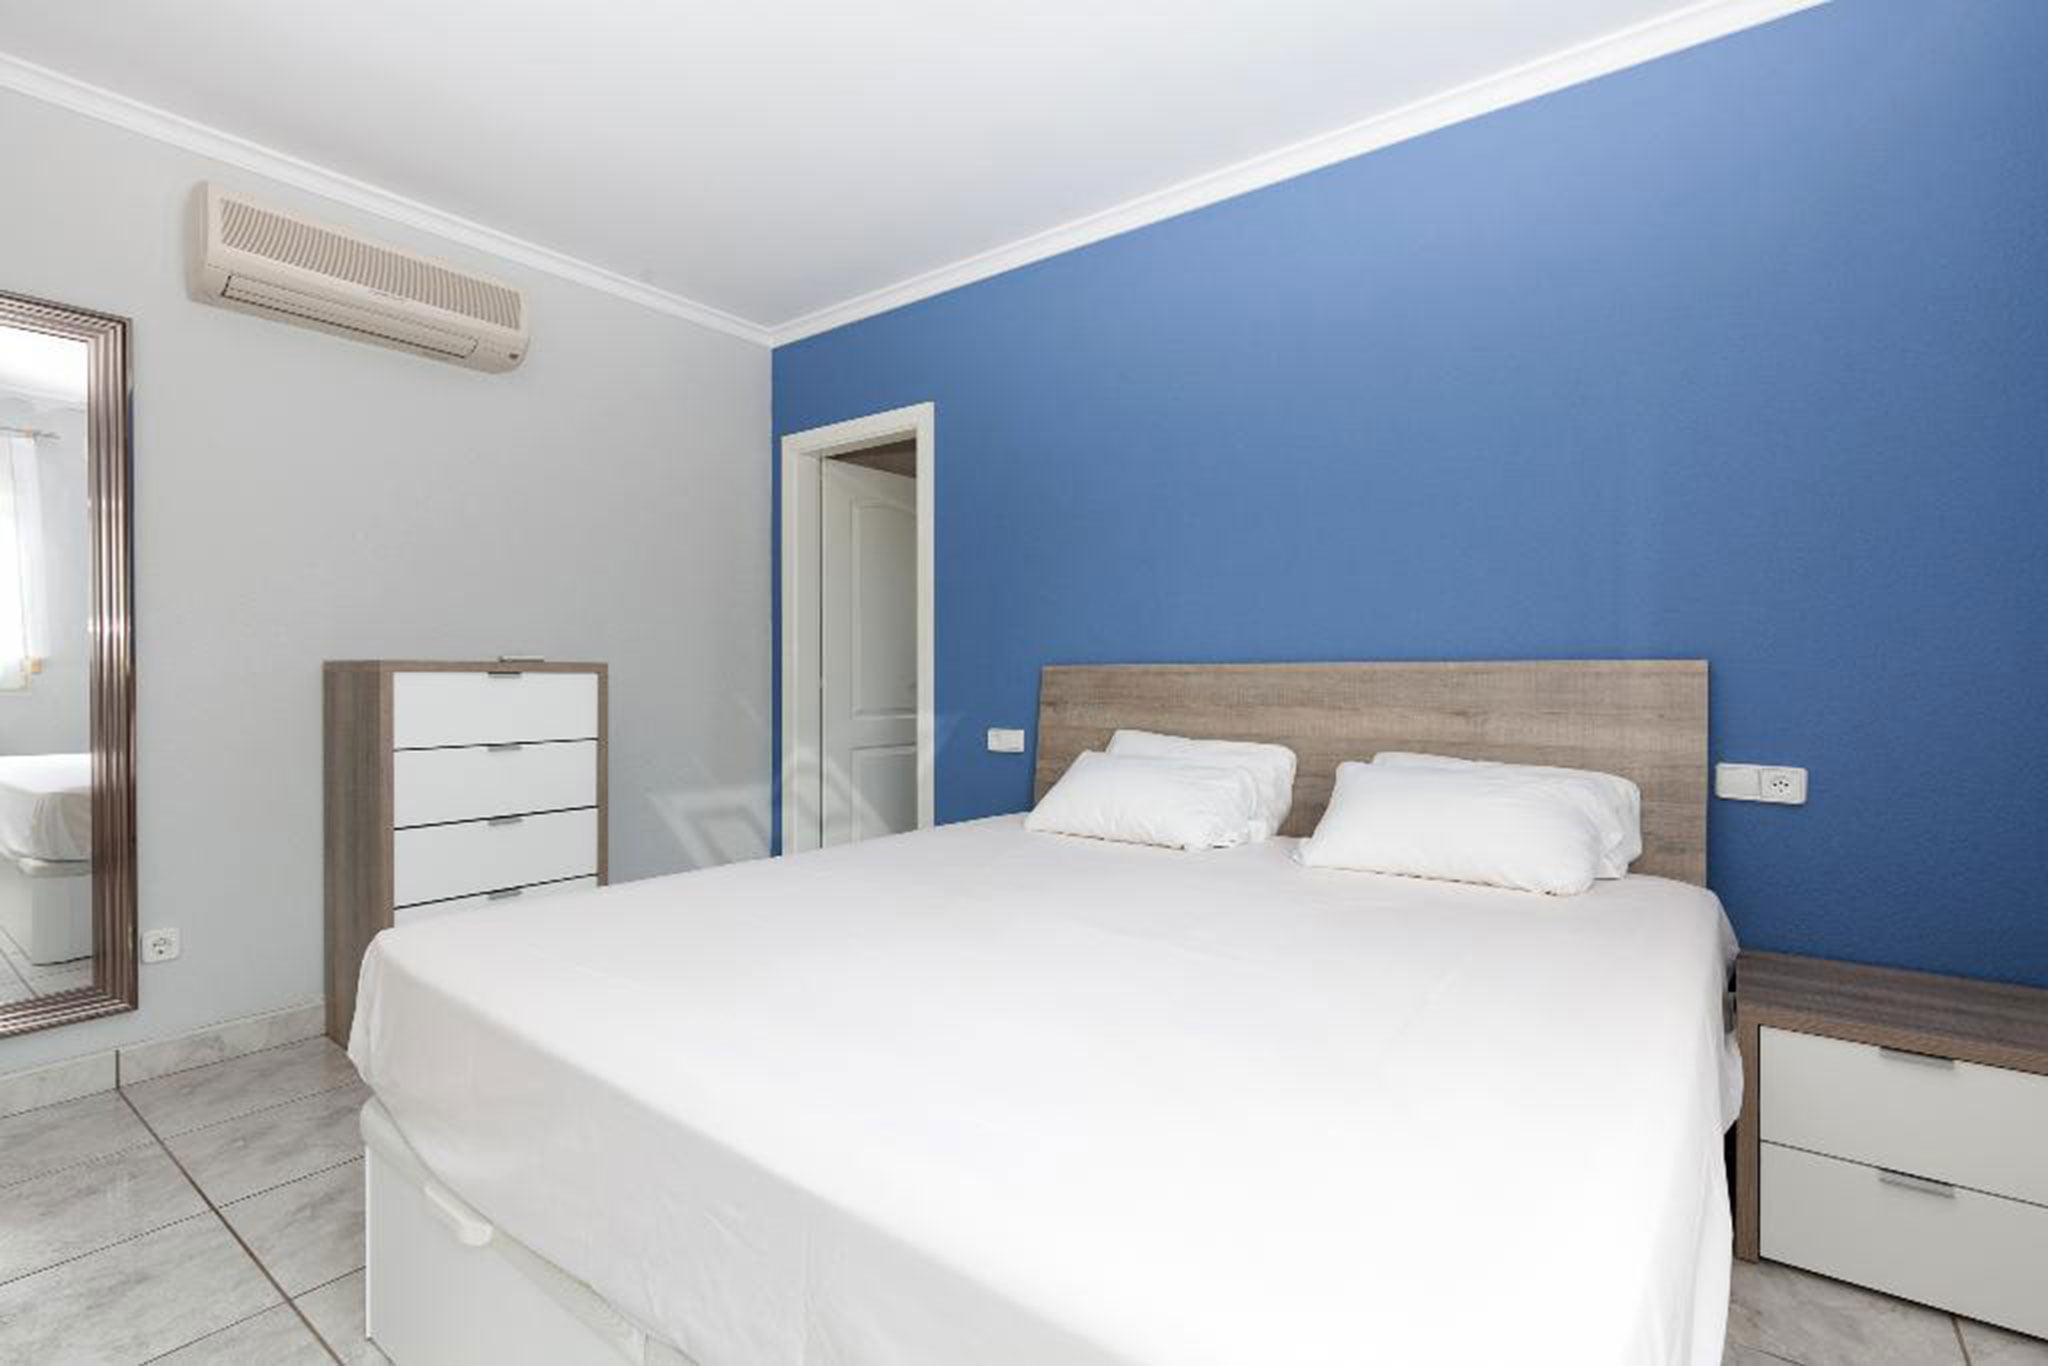 Habitación de una casa en alquiler vacacional en Dénia – Quality Rent a Villa